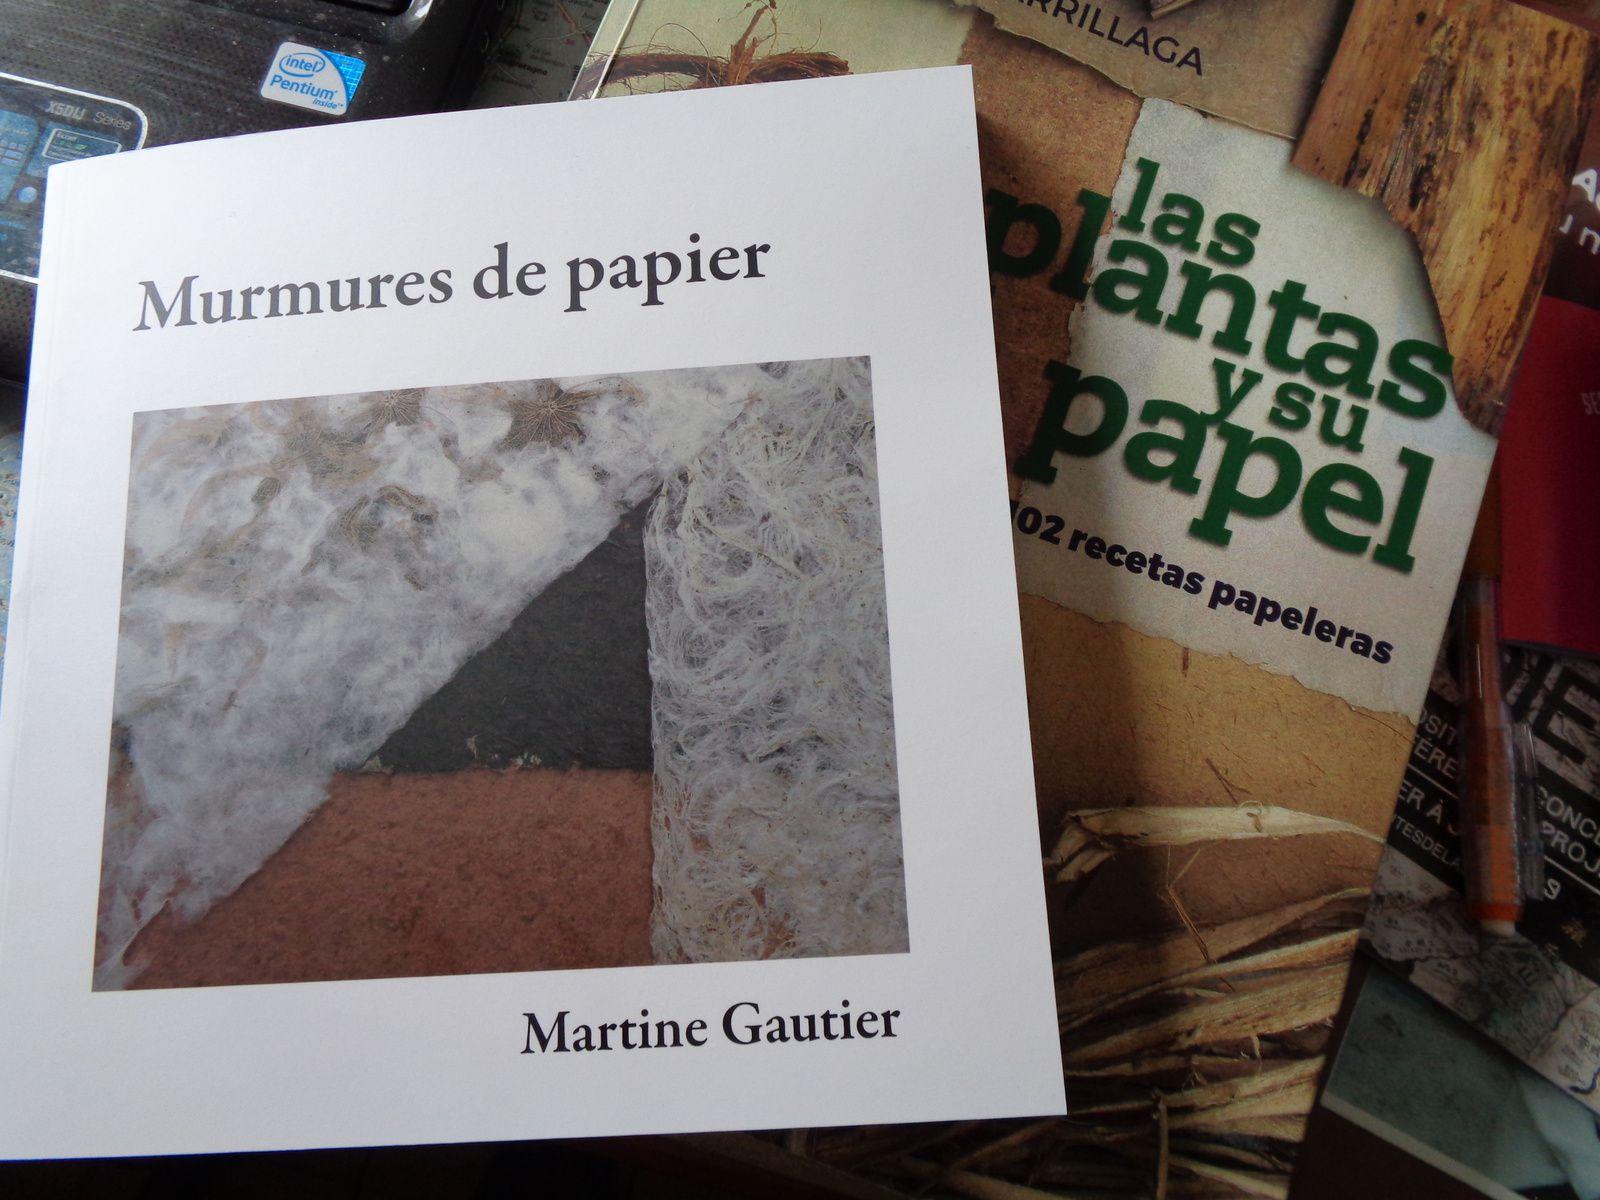 """Cet ouvrage est en espagnol , mais avec un peu de persévérance on y arrive ,c'est le plus sérieux le plus documenté sur le papier végétal , il a 102 échantillons de papier , classés par tiges, feuilles, plantes entières, écorces.... Dans l'édition de mon livre """"murmures de papier """" il ne figure pas par erreur dans la bibliographie , un bug de dernière minute, je l'ai reçu très peu de temps avant le bouclage du livre , l'info a mal suivi."""